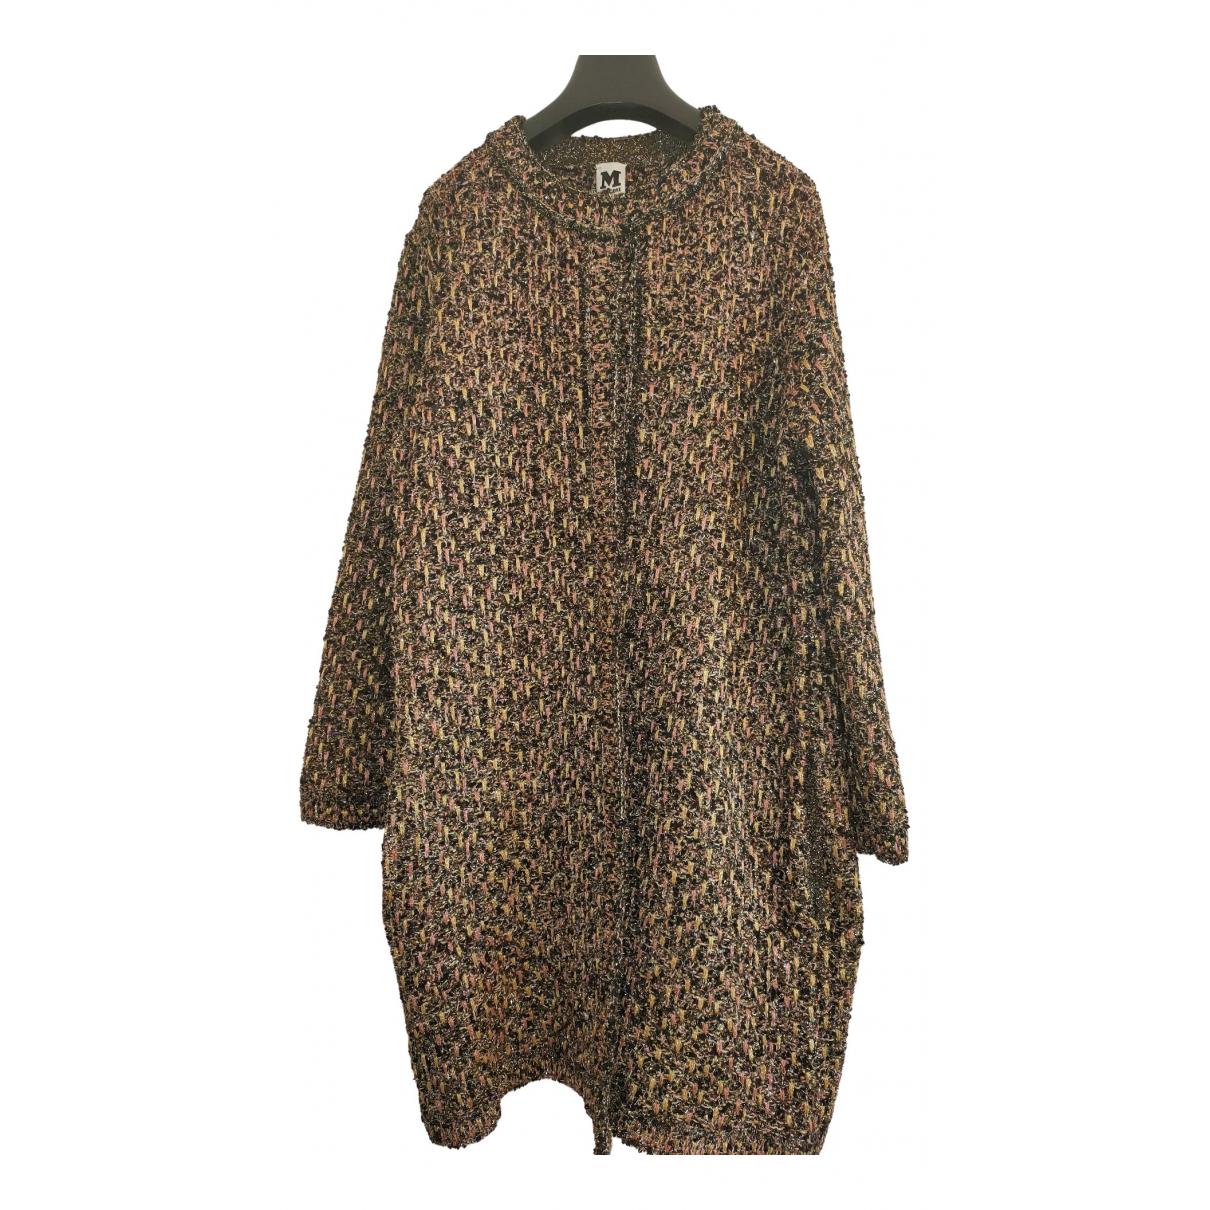 M Missoni - Manteau   pour femme - multicolore